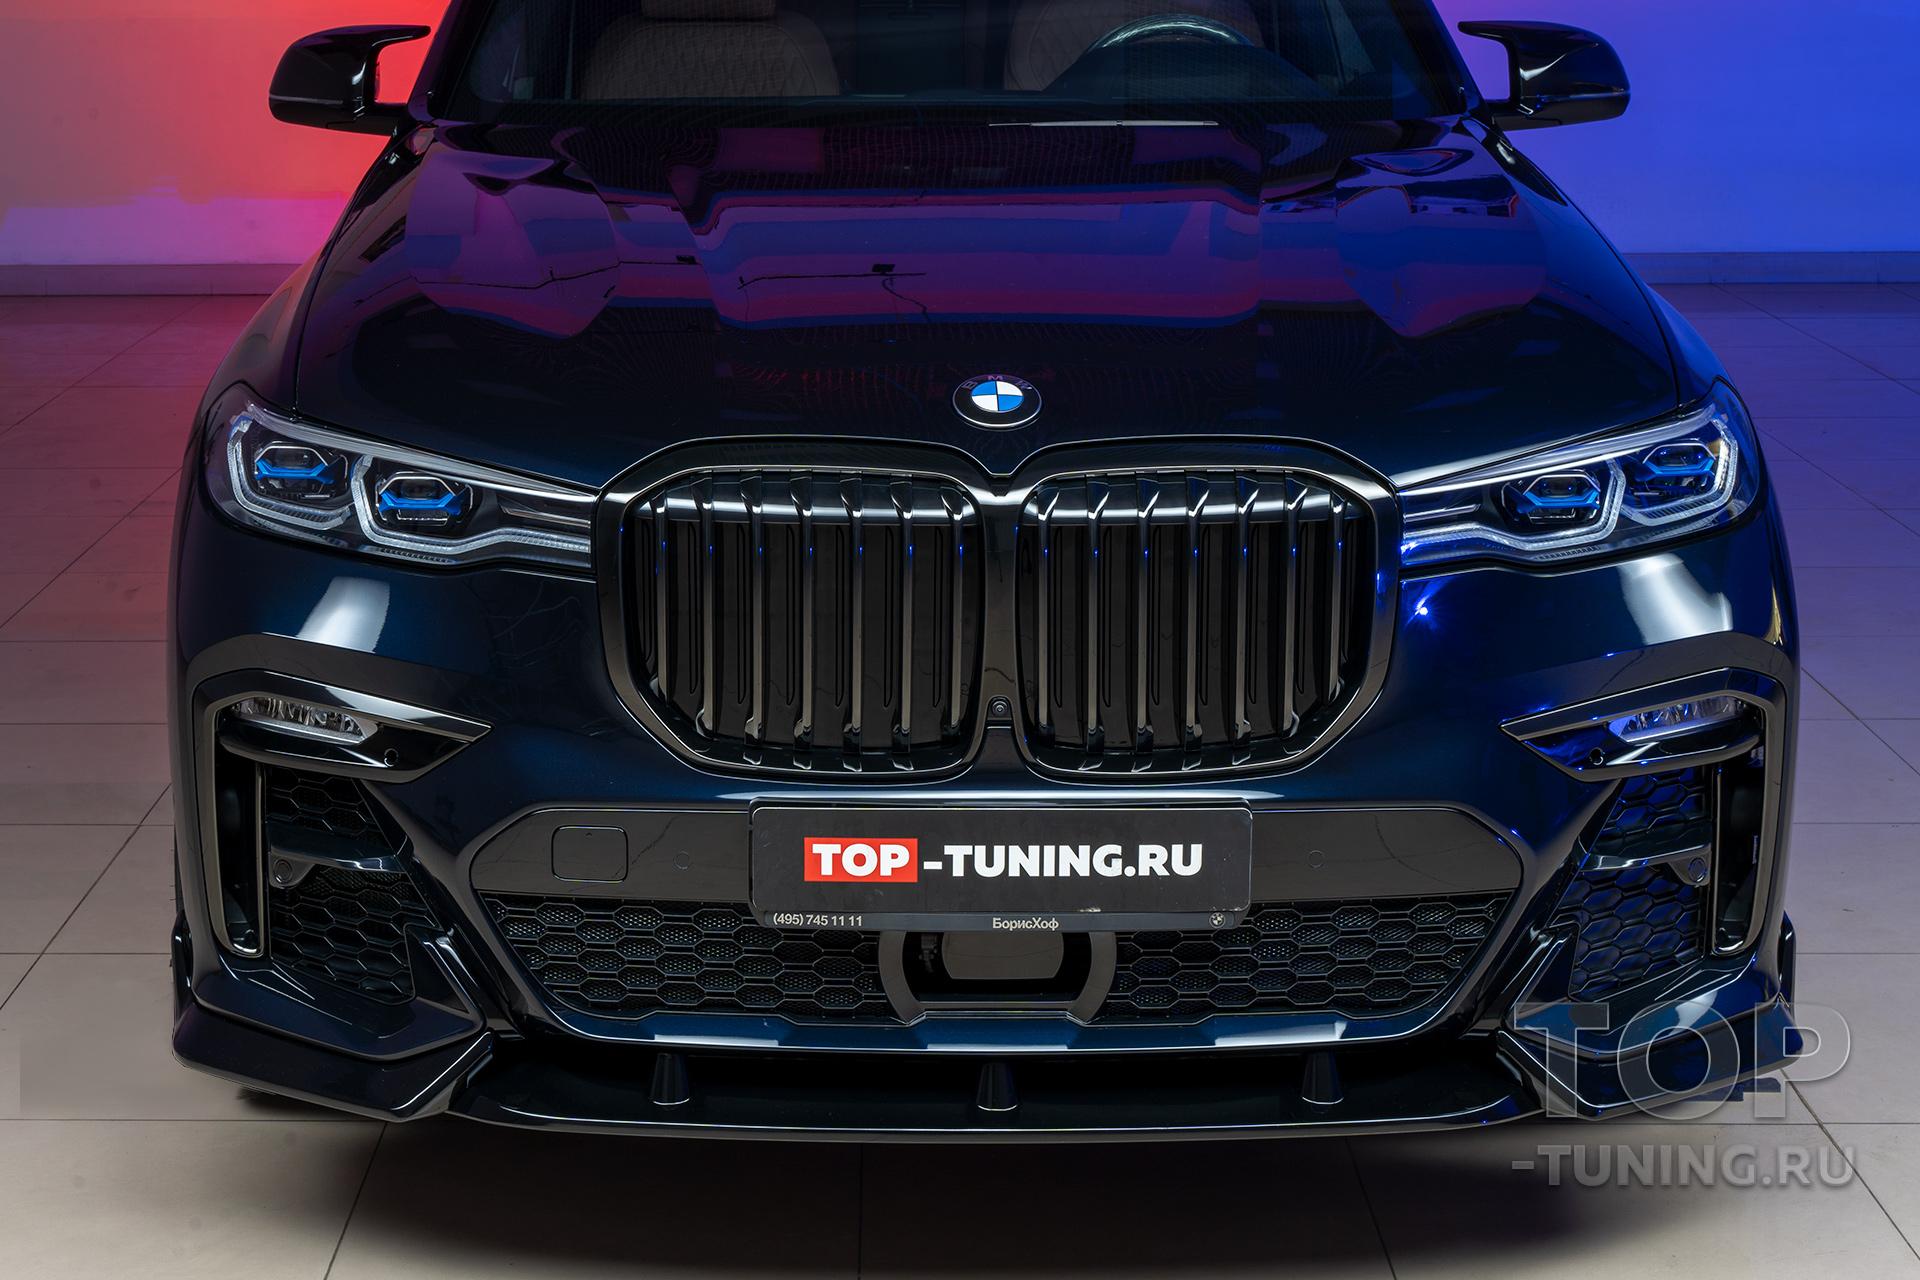 Тюнинг обвес GT PRO для BMW X7 G07 - полный комплект